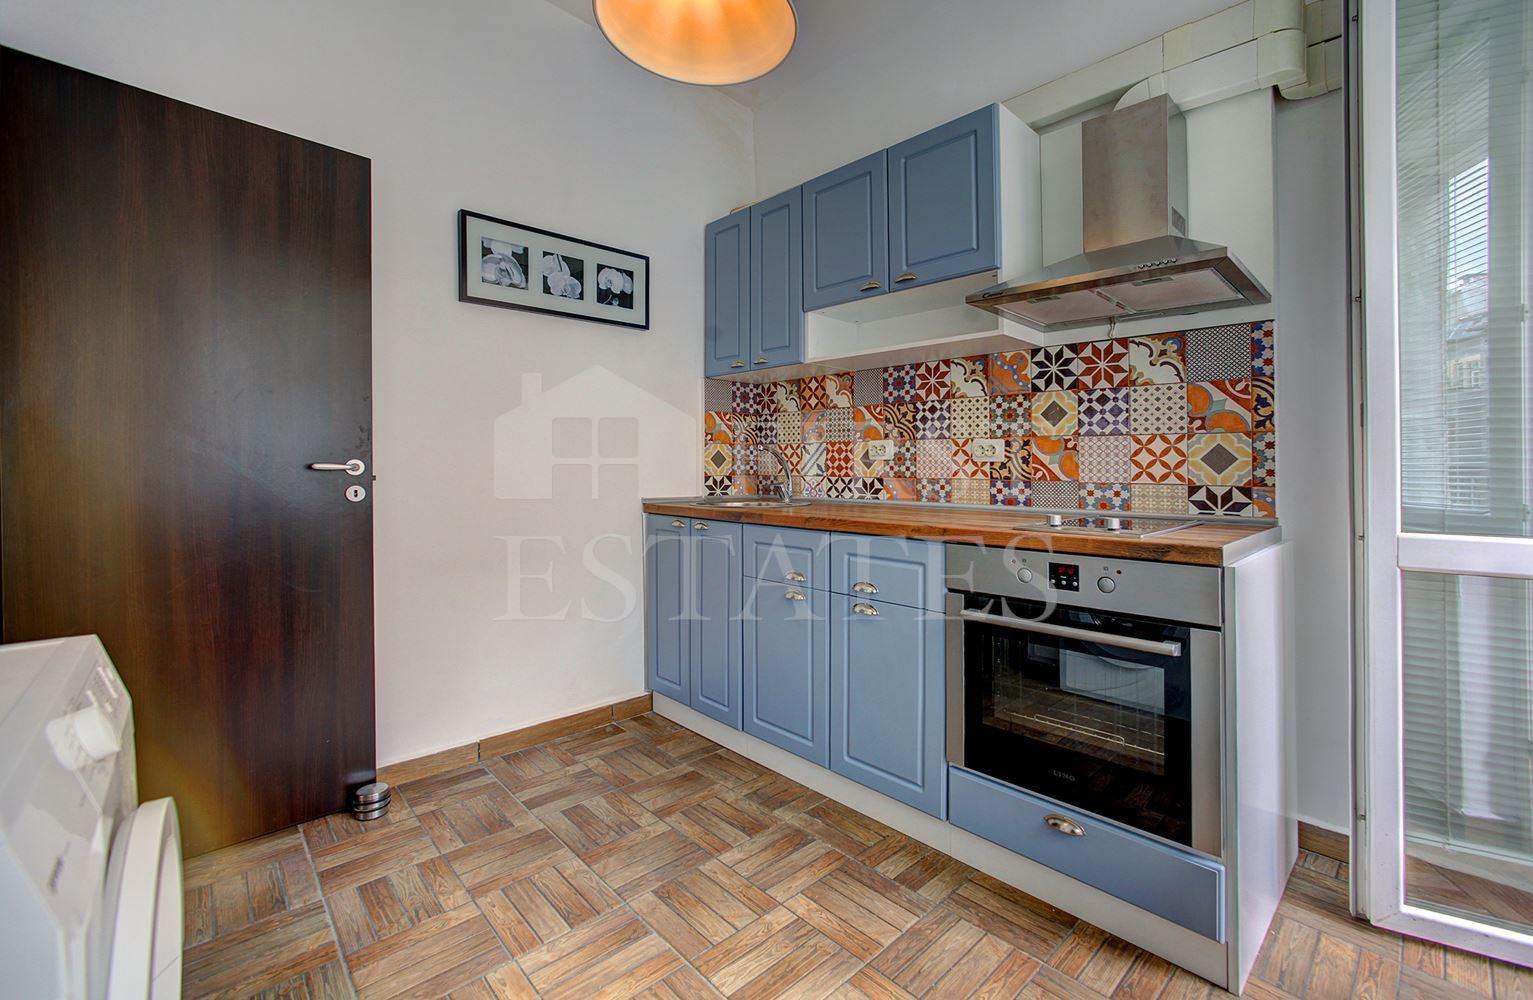 83 m² офис под наем